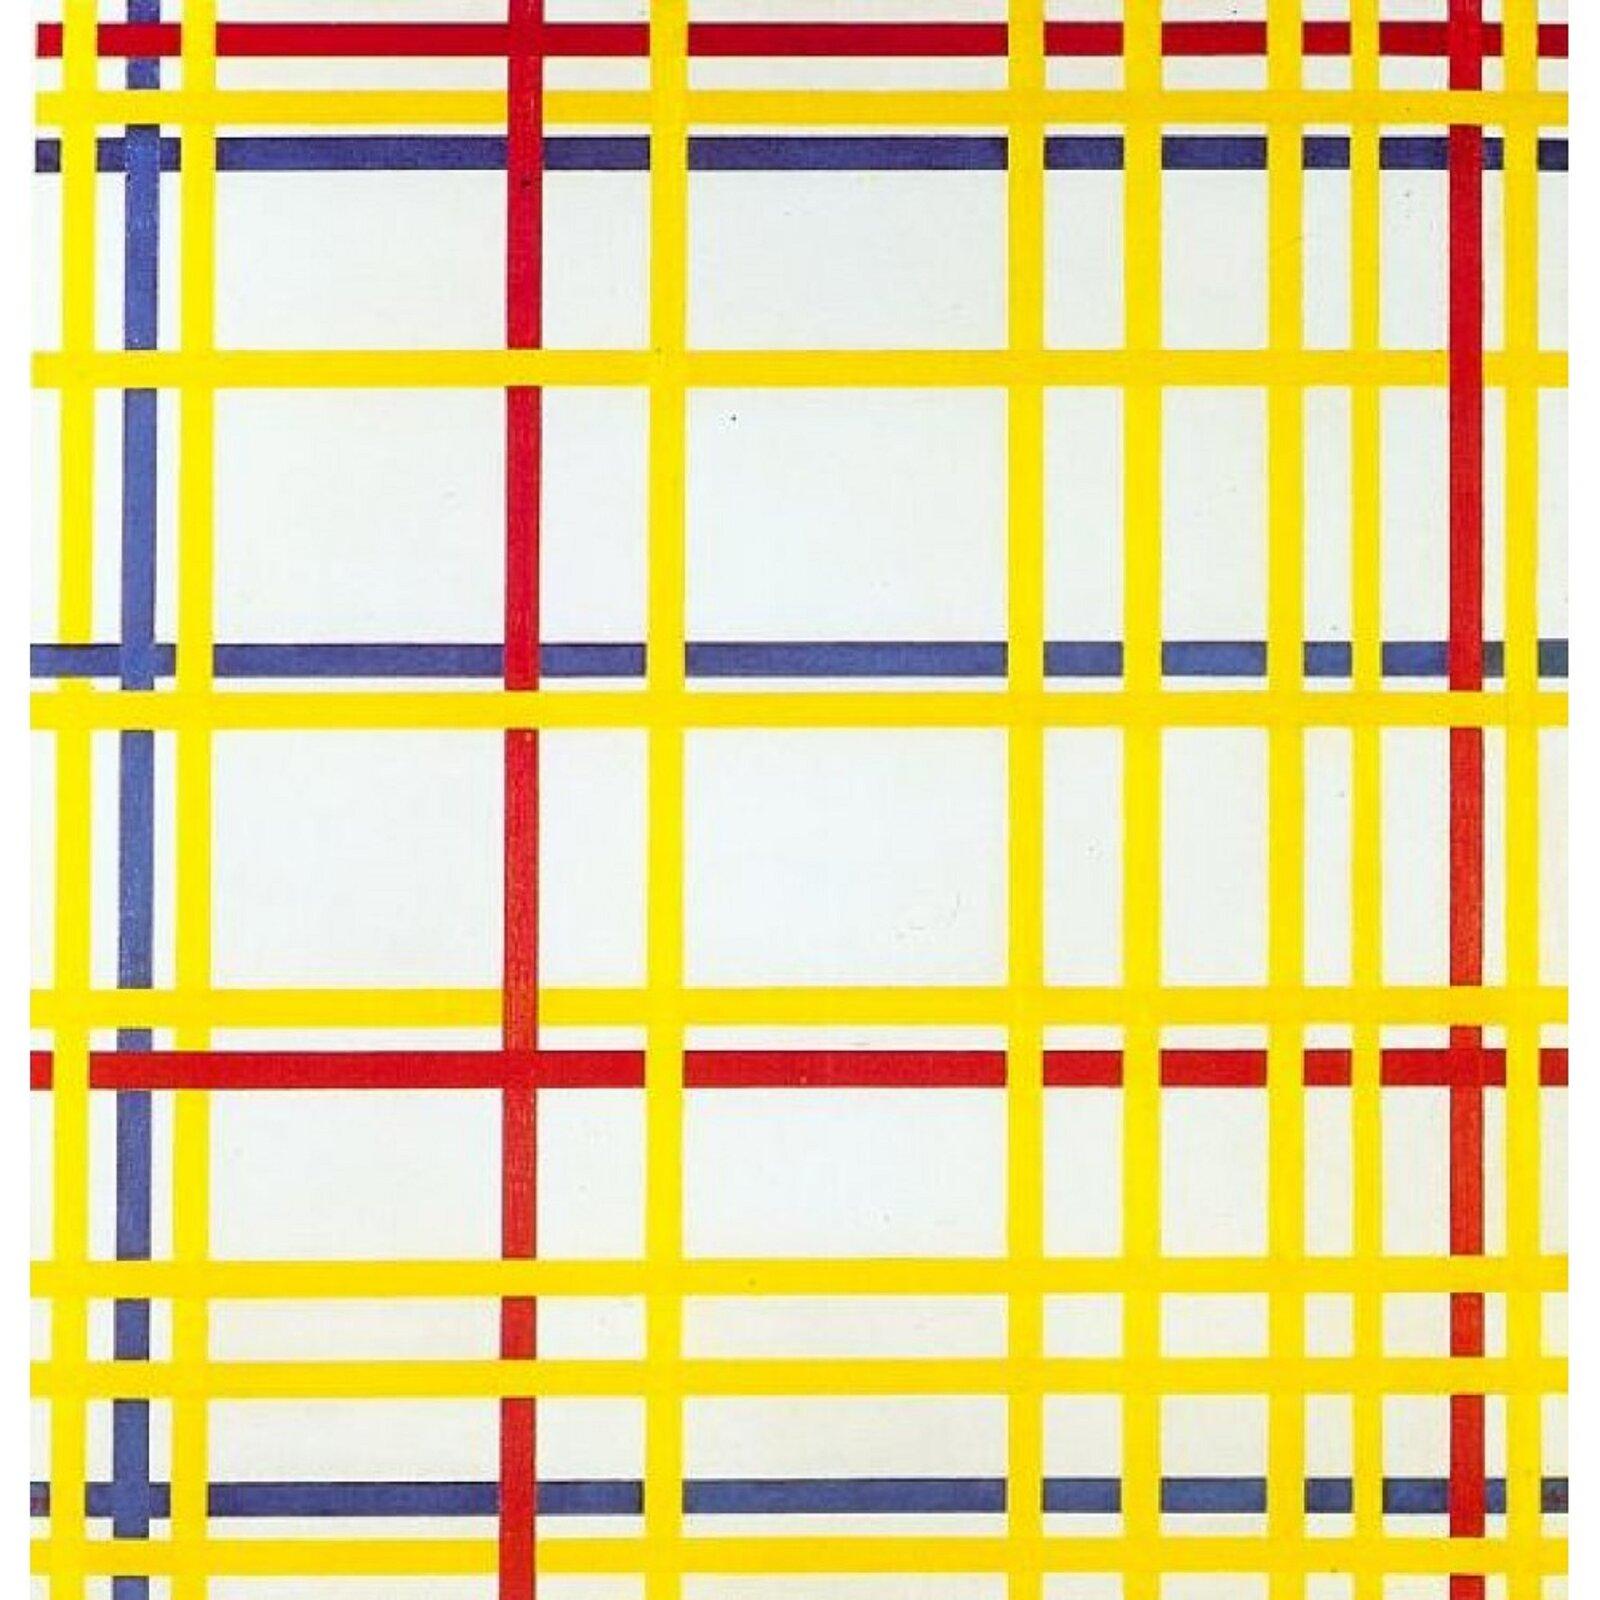 """Ilustracja przedstawia obraz Pieta Mondriana """"New York City I"""". Ukazuje przecinające się na białym tle linie wpodstawowych kolorach - żółtym, czerwonym iniebieskim. Linie przeplatają się ze sobą irozmieszczone są wpoziomie iwpionie. Malarz wten sposób niemal automatycznie wprowadził zwrotnice isugestię przeplatanych kolorowych pasm."""